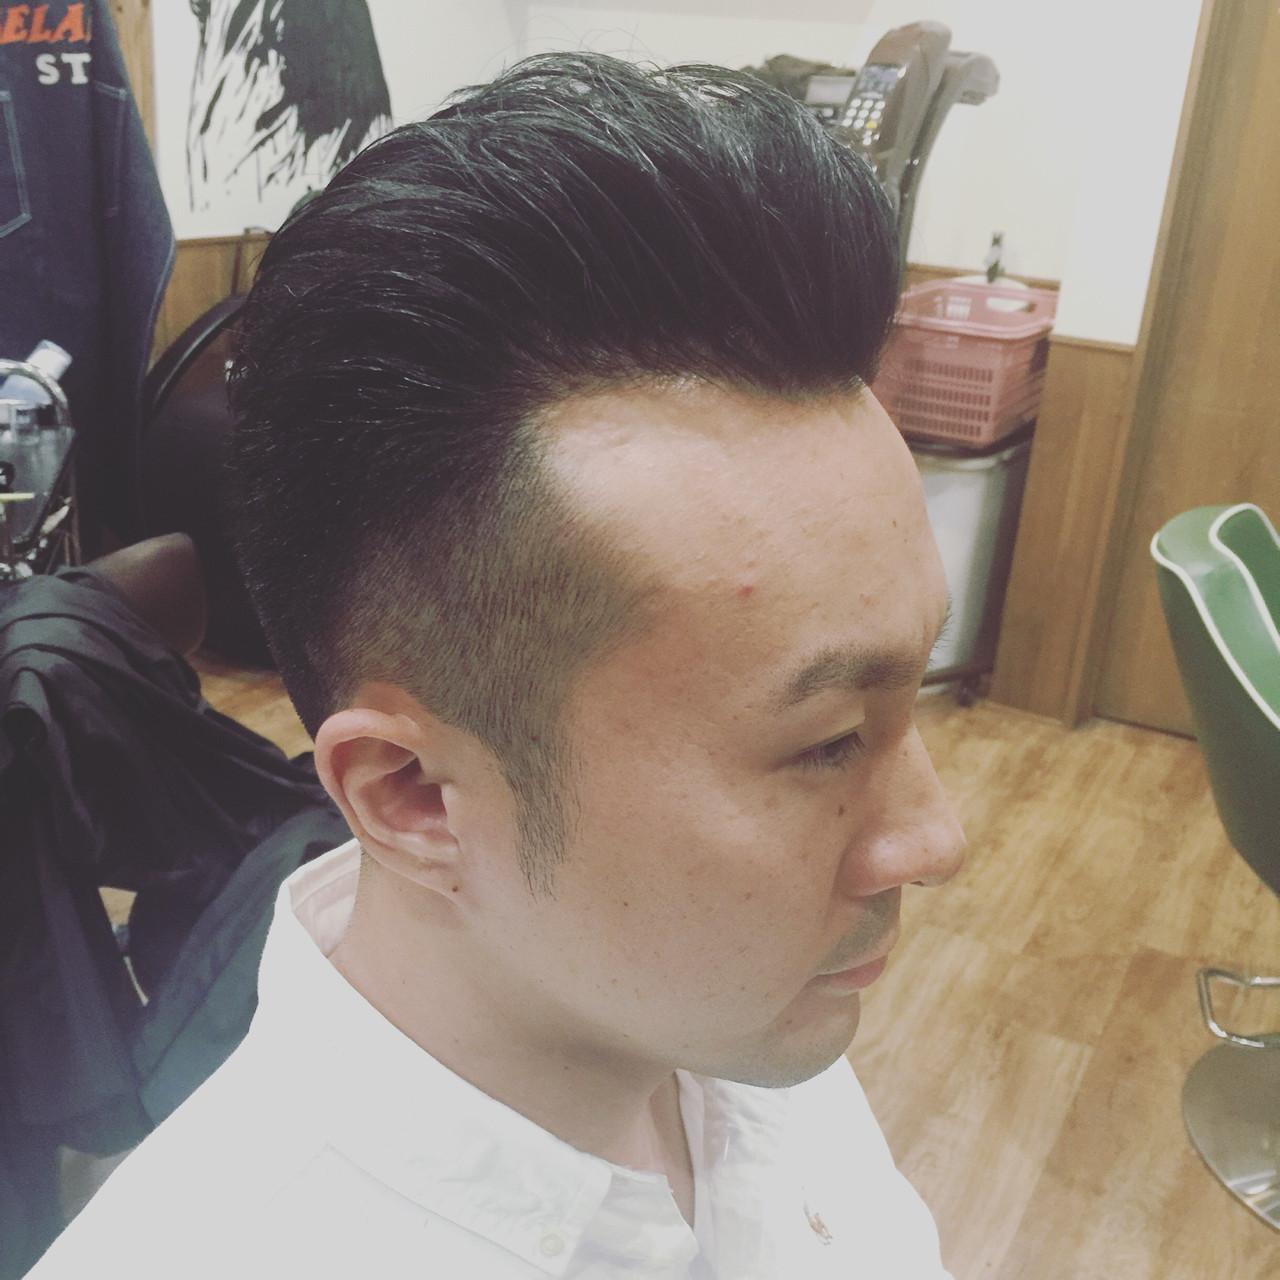 刈り上げ オールバック ボーイッシュ ショート ヘアスタイルや髪型の写真・画像